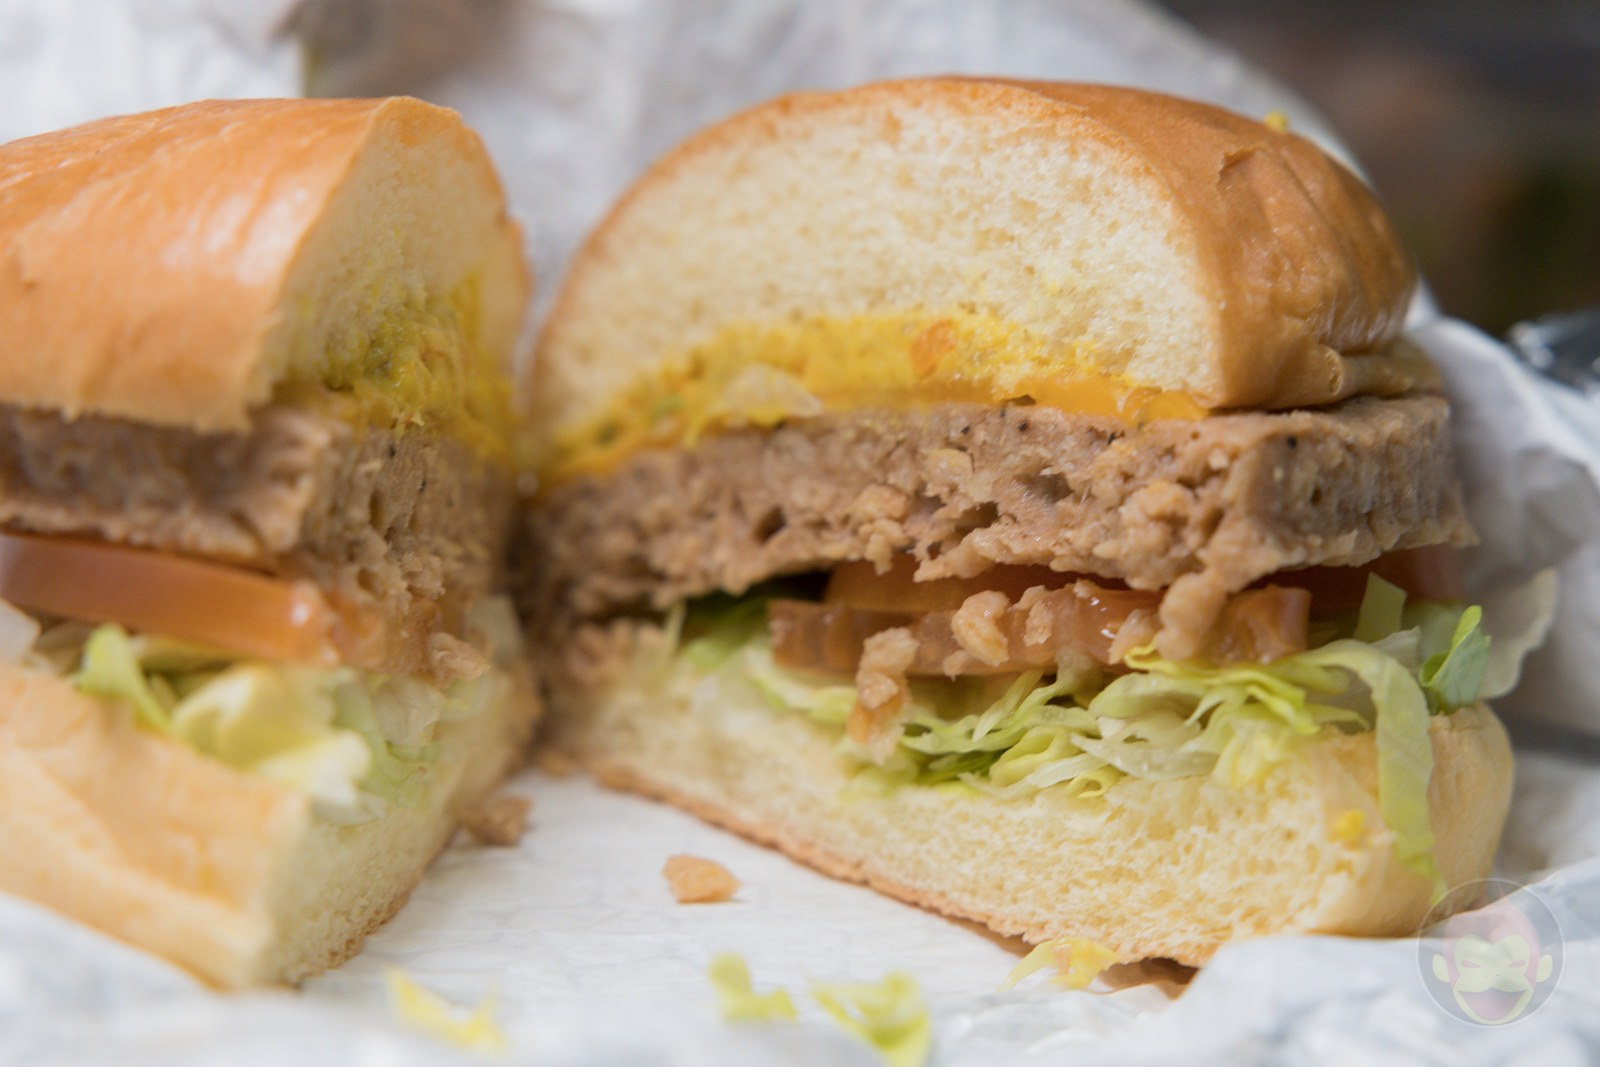 Costco Garden Burger no meat used 07